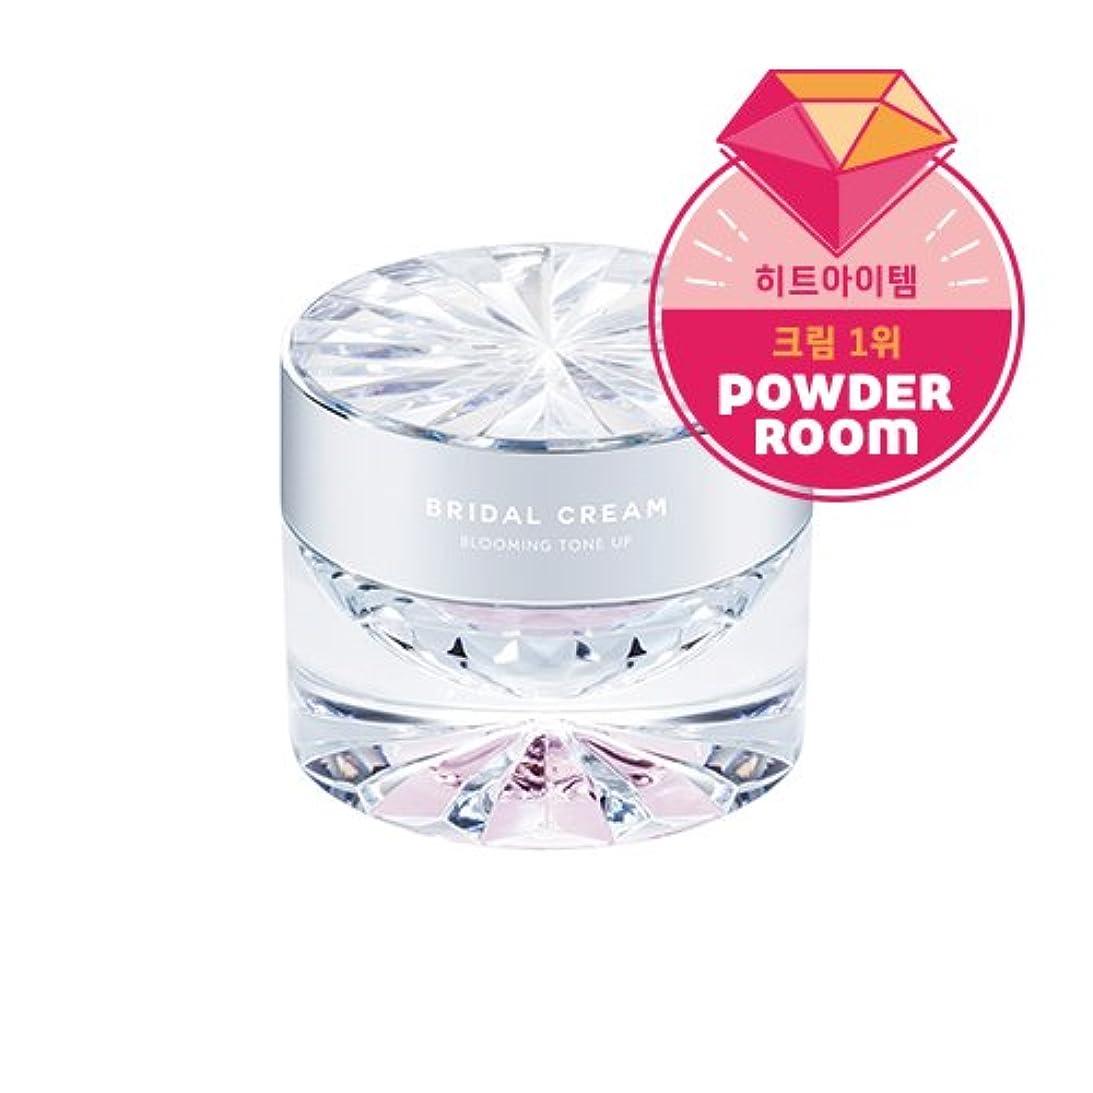 原子病な物理的にMISSHA Time Revolution Bridal Cream 50ml/ミシャ タイム レボリューション ブライダル クリーム 50ml (#Blooming Tone Up) [並行輸入品]